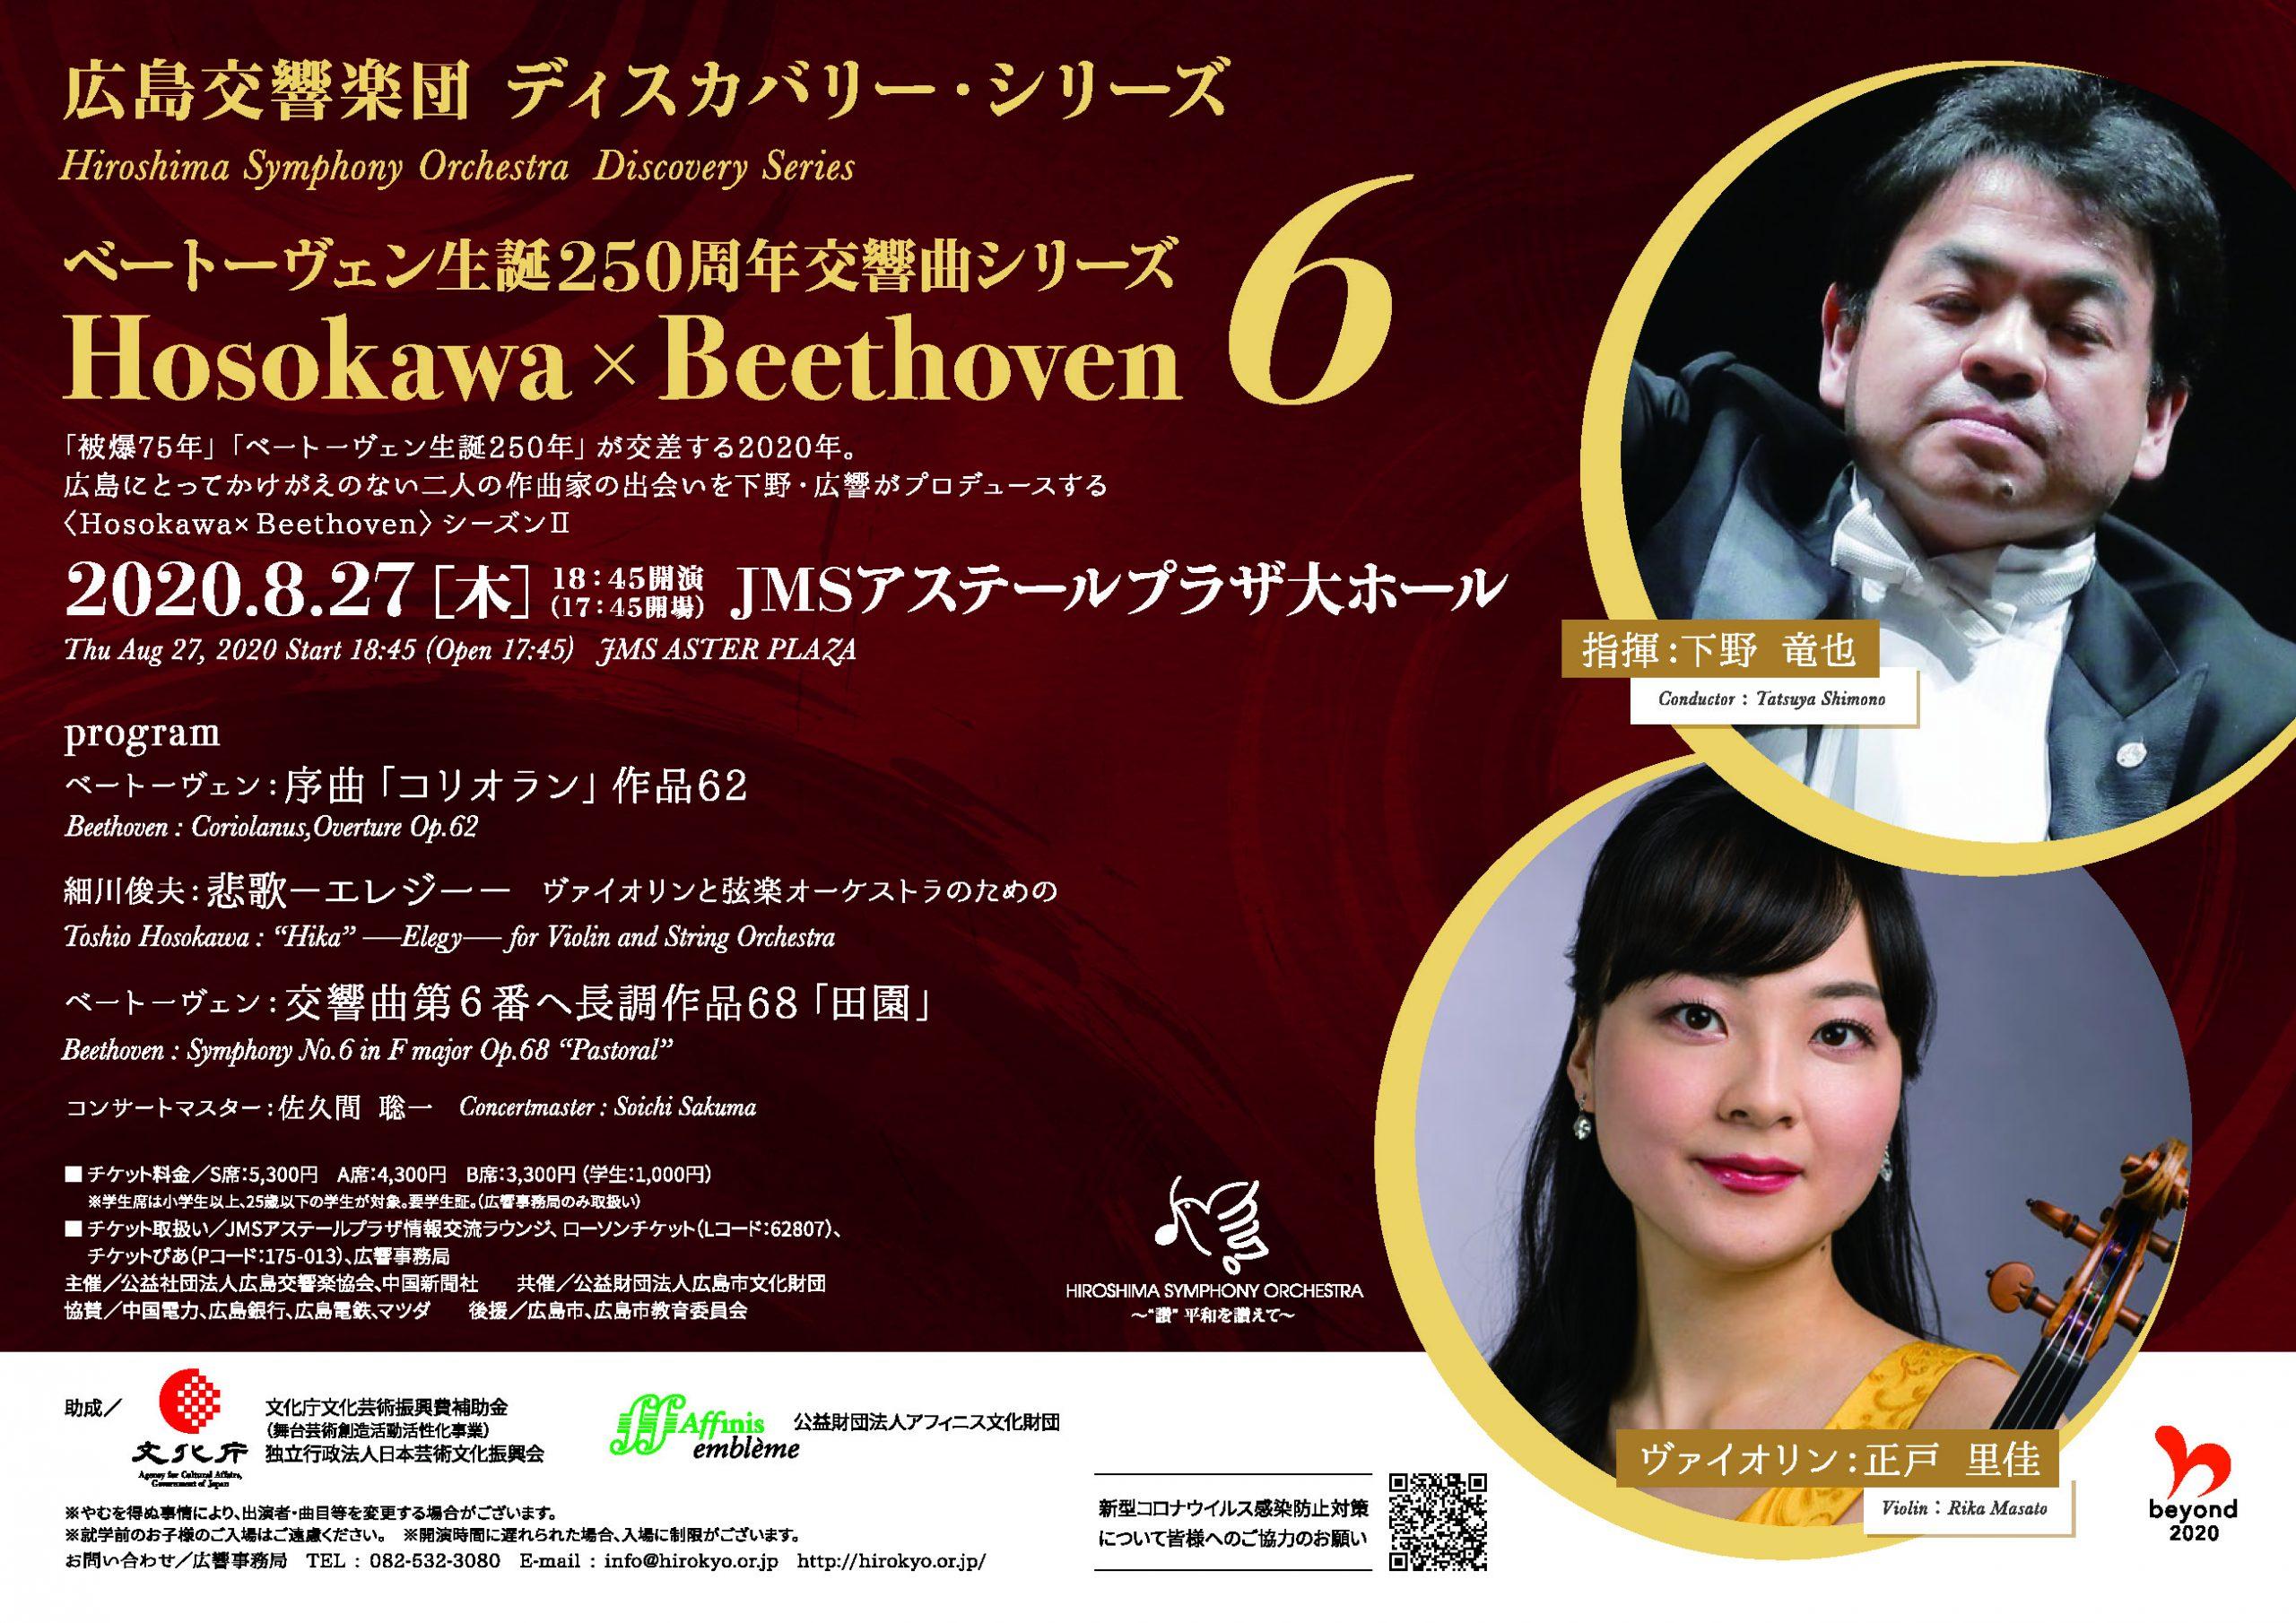 ディスカバリー・シリーズ6〈ベートーヴェン生誕250周年交響曲シリーズ〉Hosokawa×Beethoven